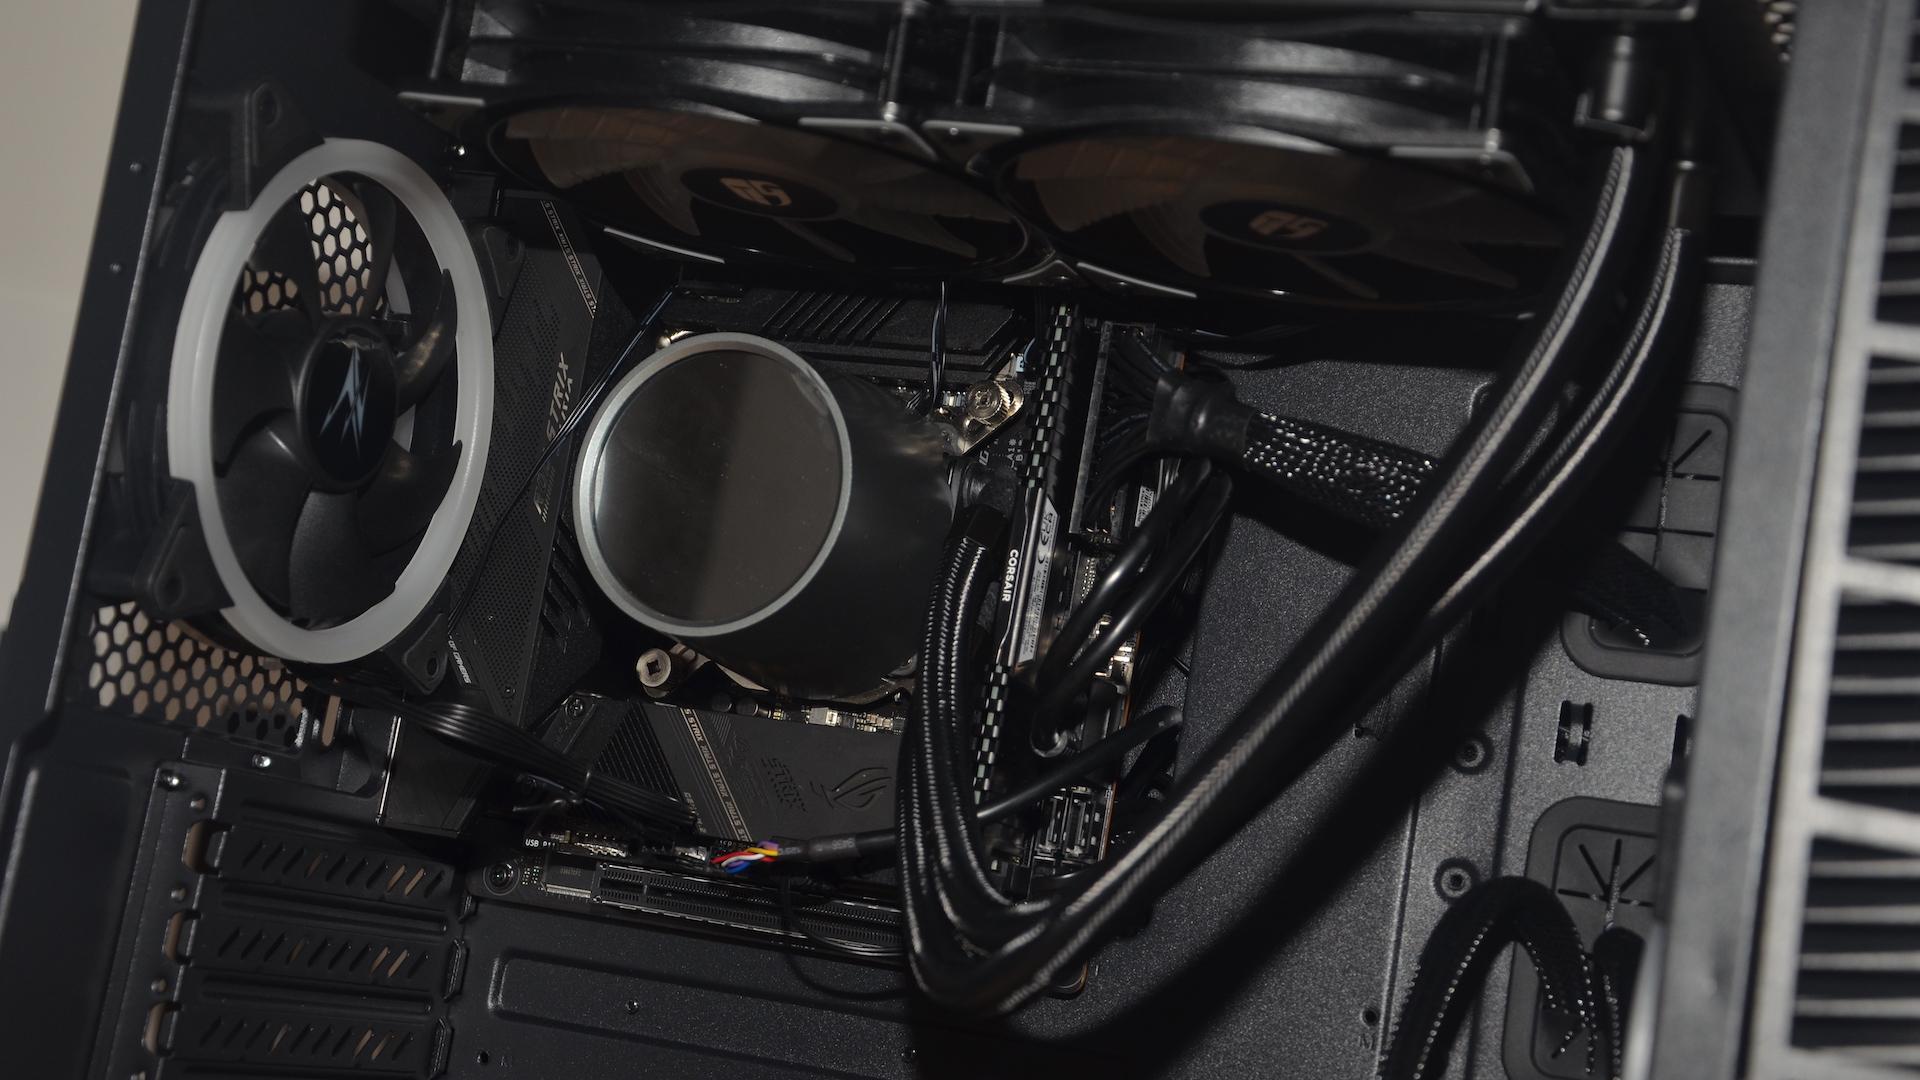 ASUS ROG Strix Z590-I Gaming WiFi im Test - kuschlig